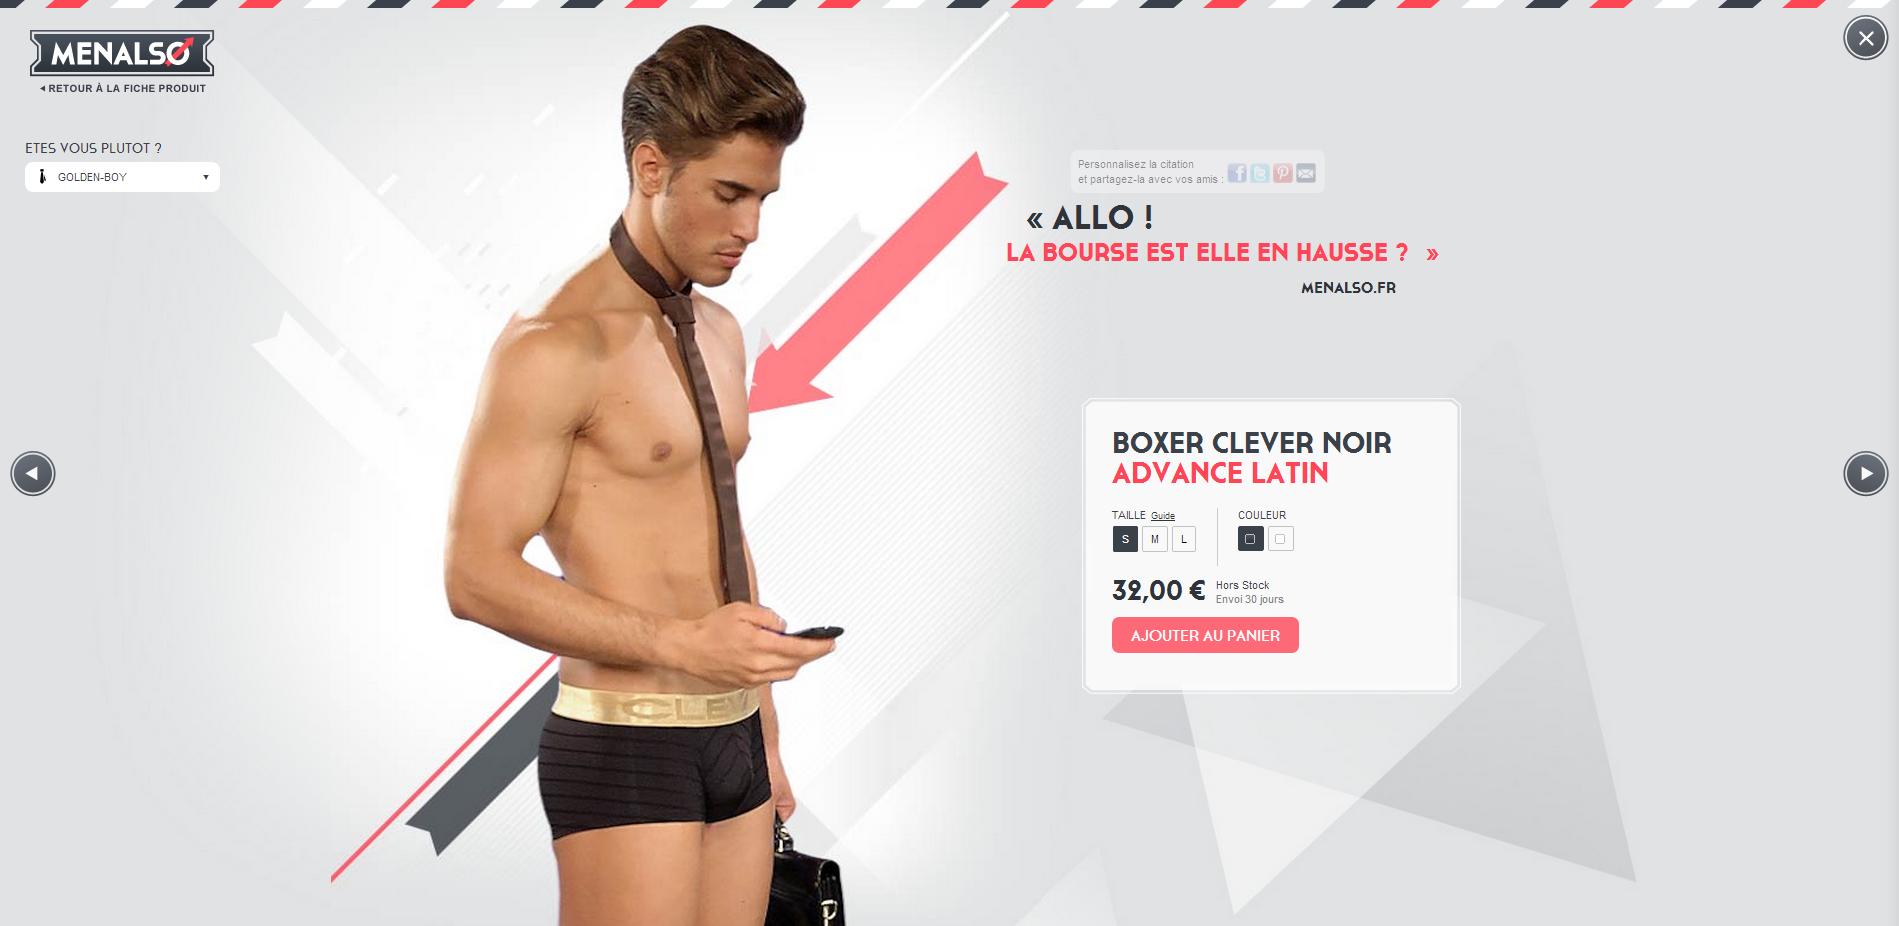 Boxer Clever Noir Advance Latin Menalso - Menalso , un peu de nouveautés dans une fiche produit